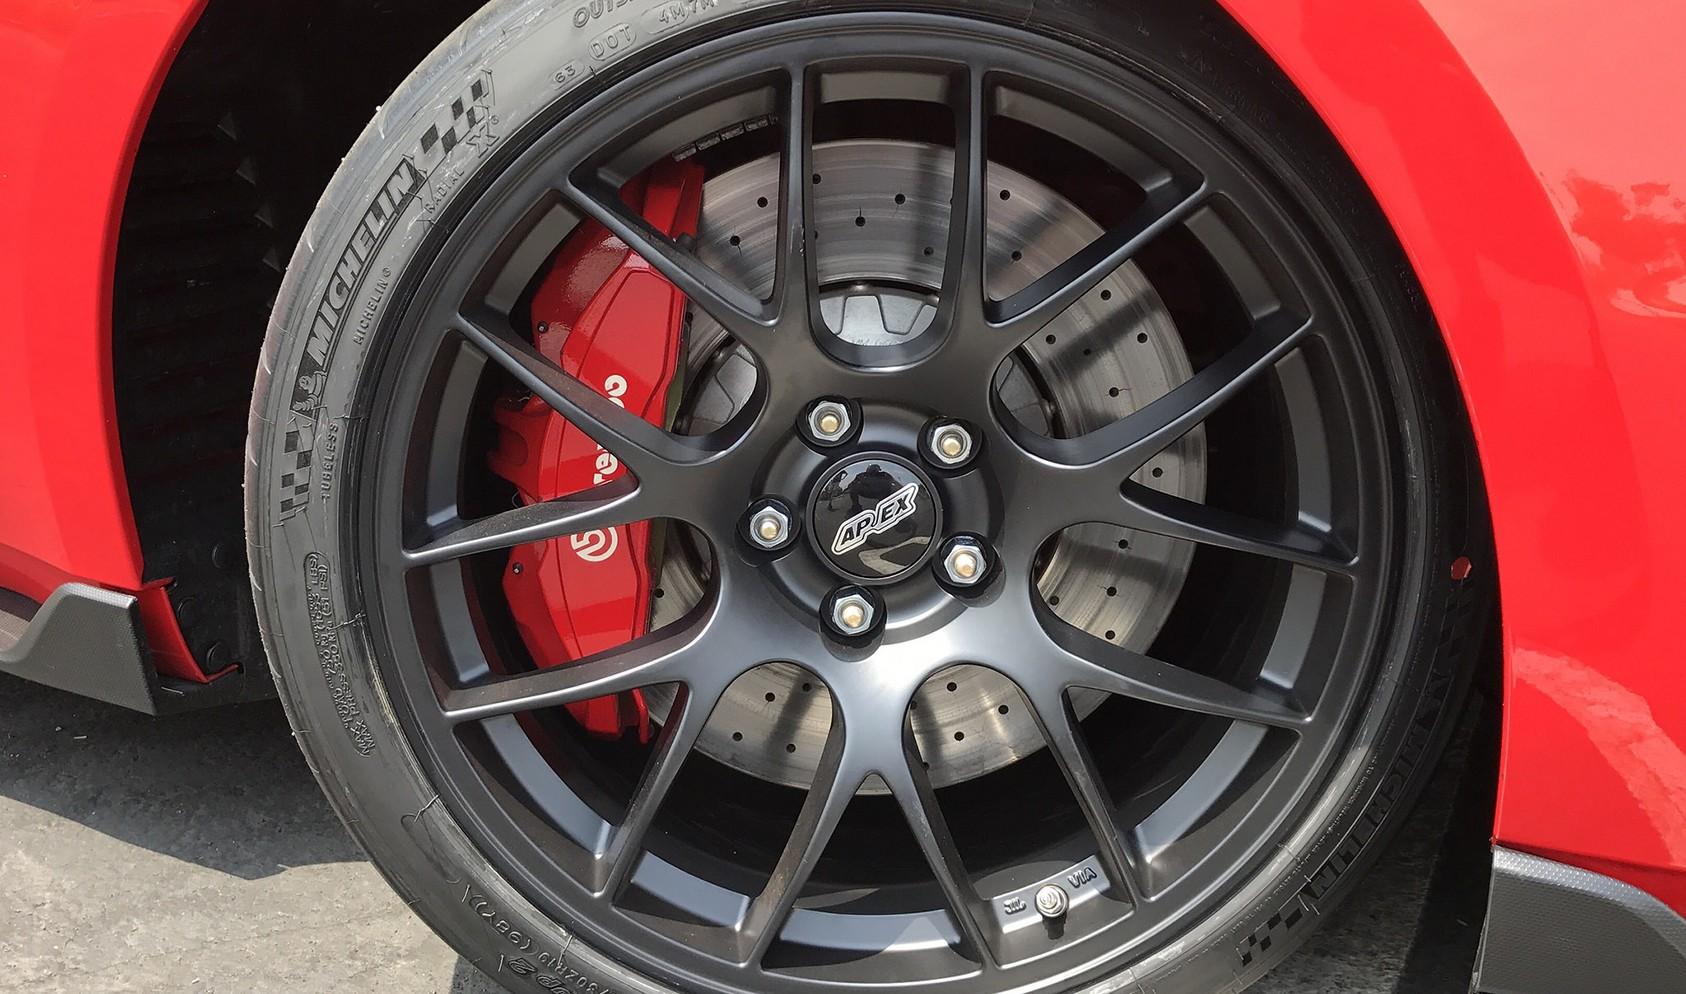 """S550 GT350 Square Fitment<br />Wheels: 19x11"""" ET52 Satin Black EC-7<br />Tires: 305/30-19 Michelin Pilot Sport Cup 2<br />Mods: 25mm front spacers"""